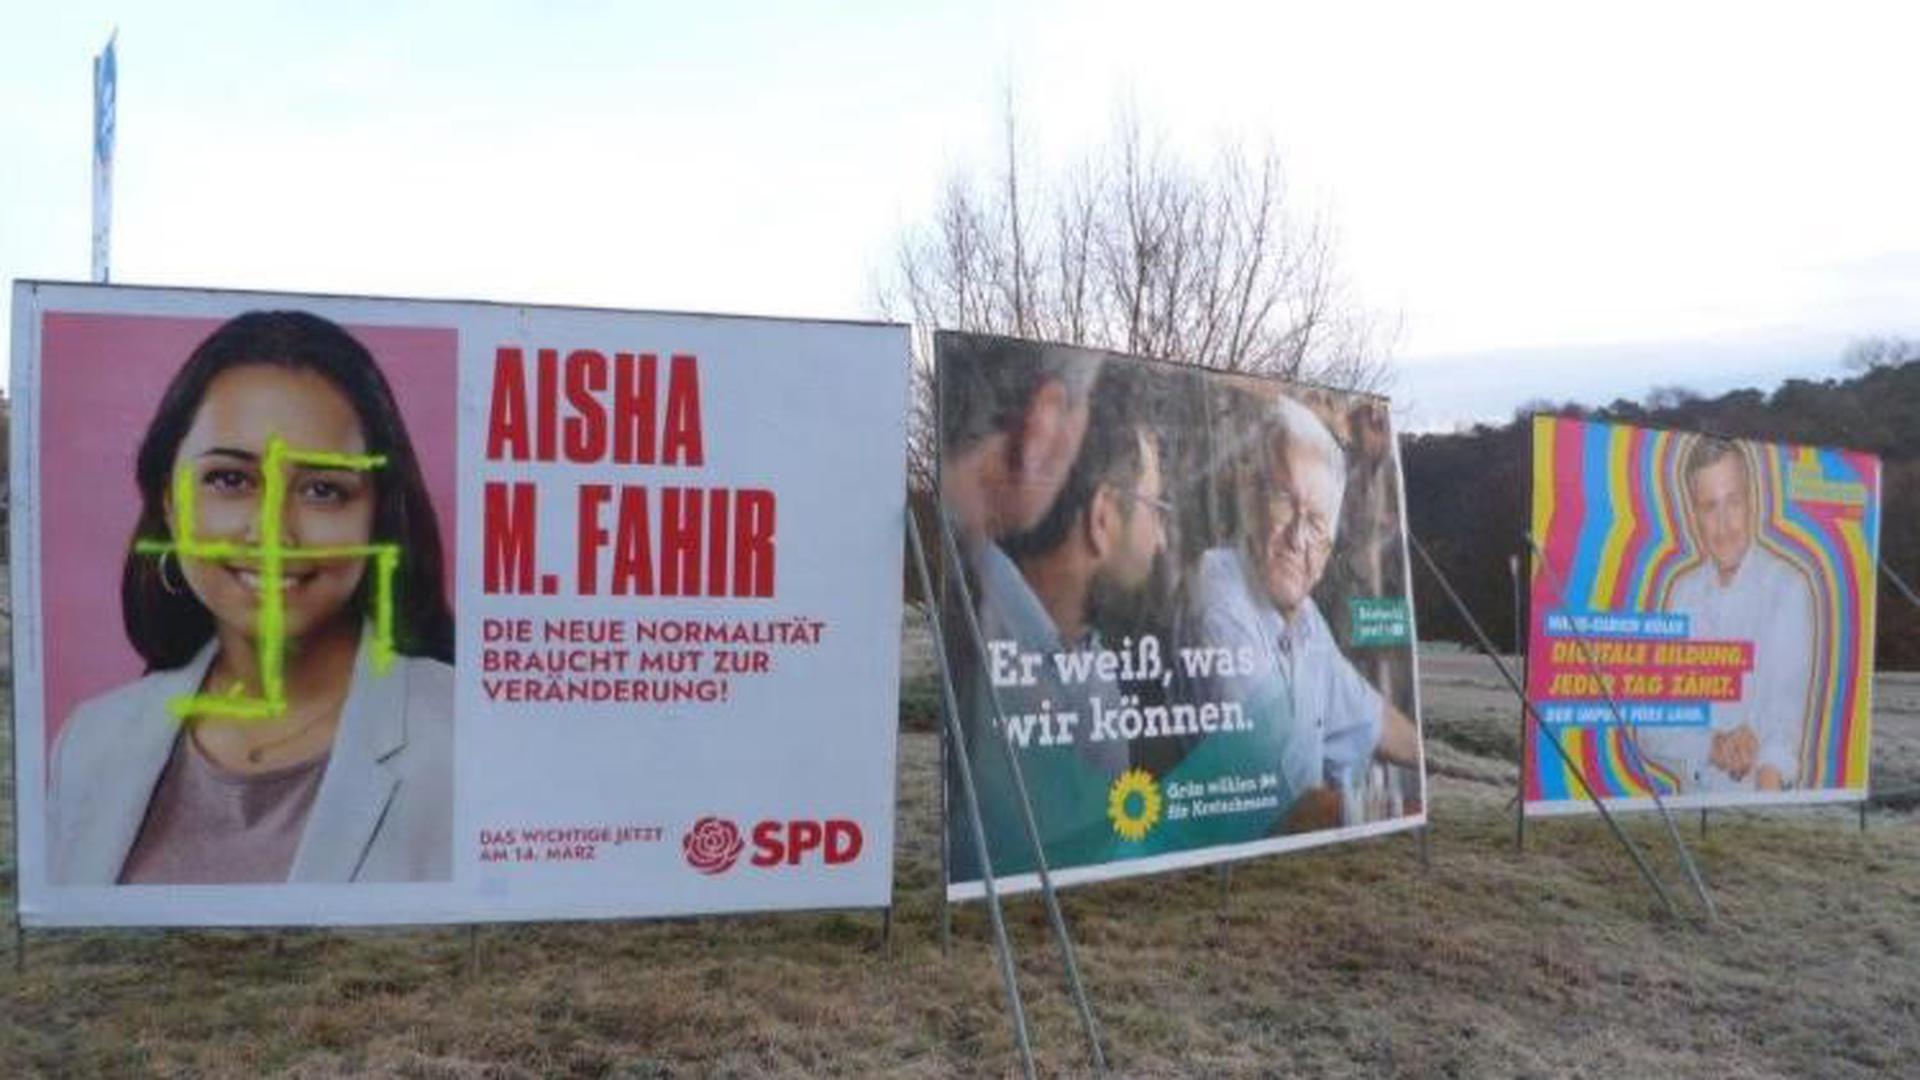 Verfassungsfeindliches Symbol: Ein Hakenkreuz prangt auf dem Wahlplakat von Aisha Fahir, Kandidatin der SPD aus dem Wahlkreis Ettlingen, in Karlsbad.